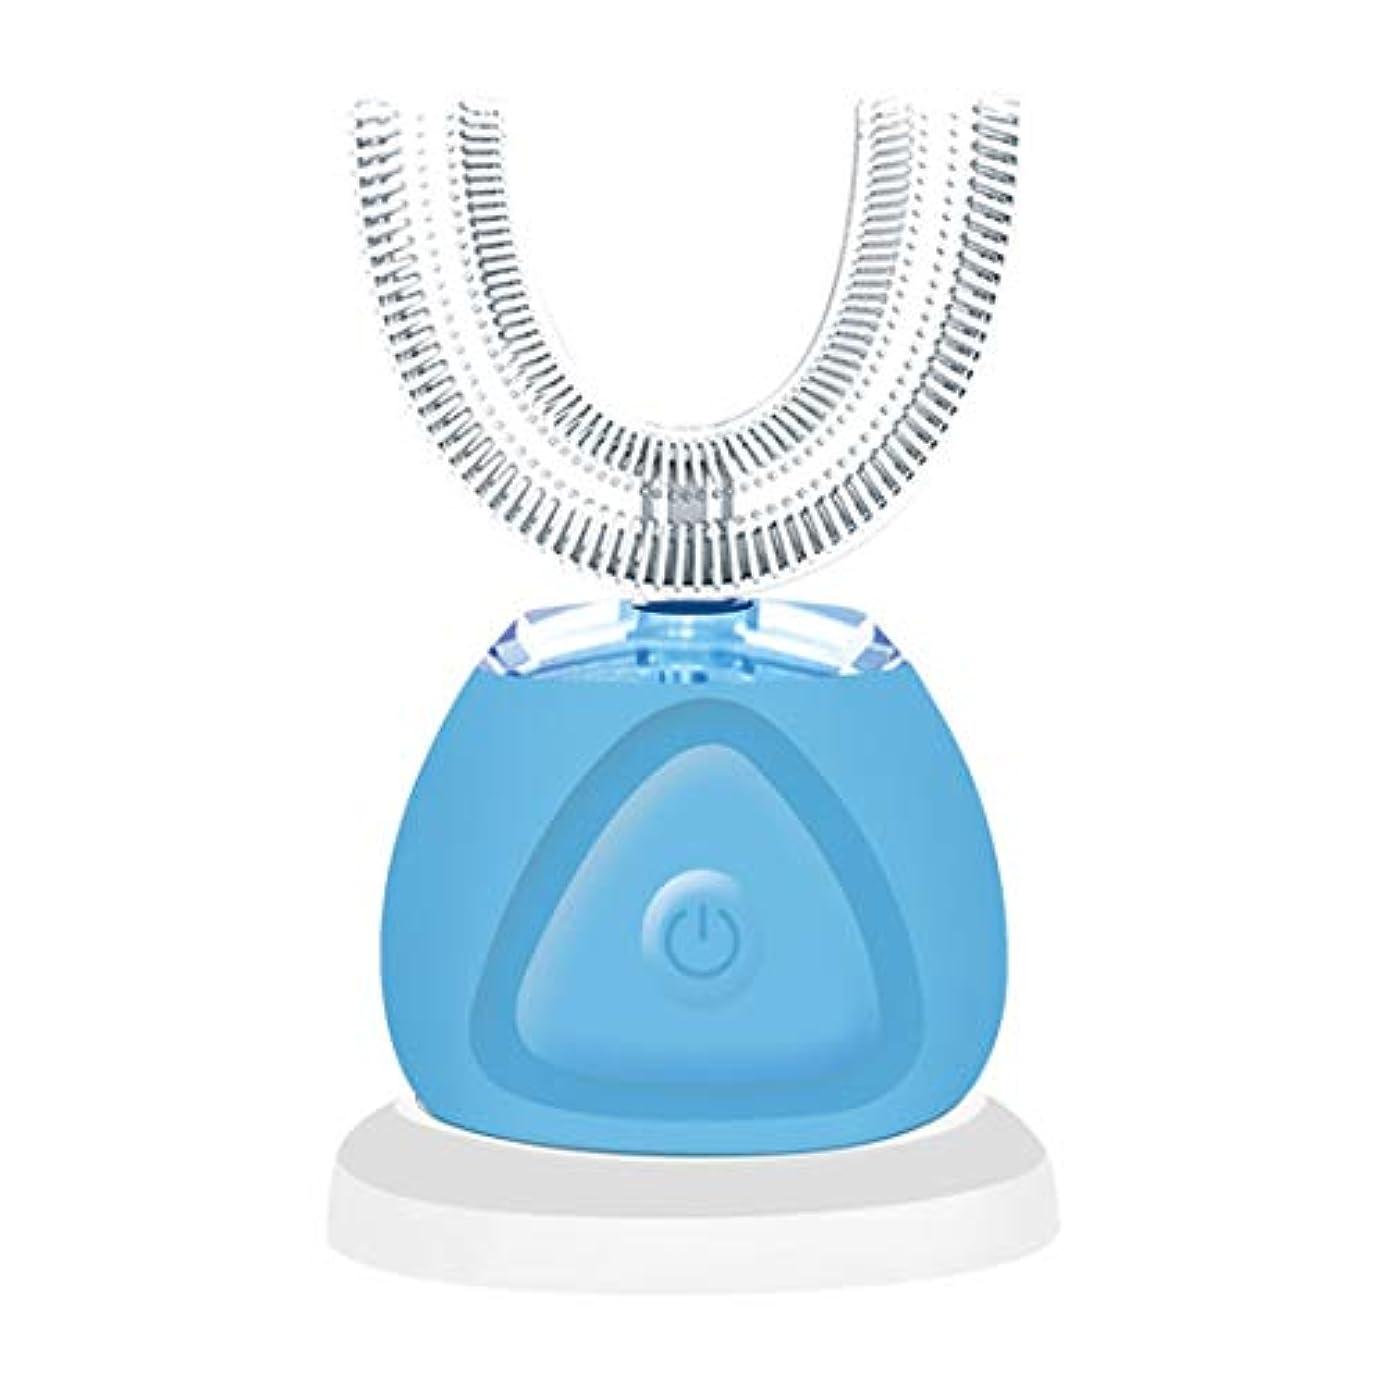 影のあるビヨン副詞【MarzBb】電動シリコン歯ブラシ 超音波 柔らかい防水 音波振動歯ブラシ 360°U型 ワイヤレス充電 3モード ン歯ブラシ 電動歯ブラシ U字型電動歯ブラシ (Color : Light blue)